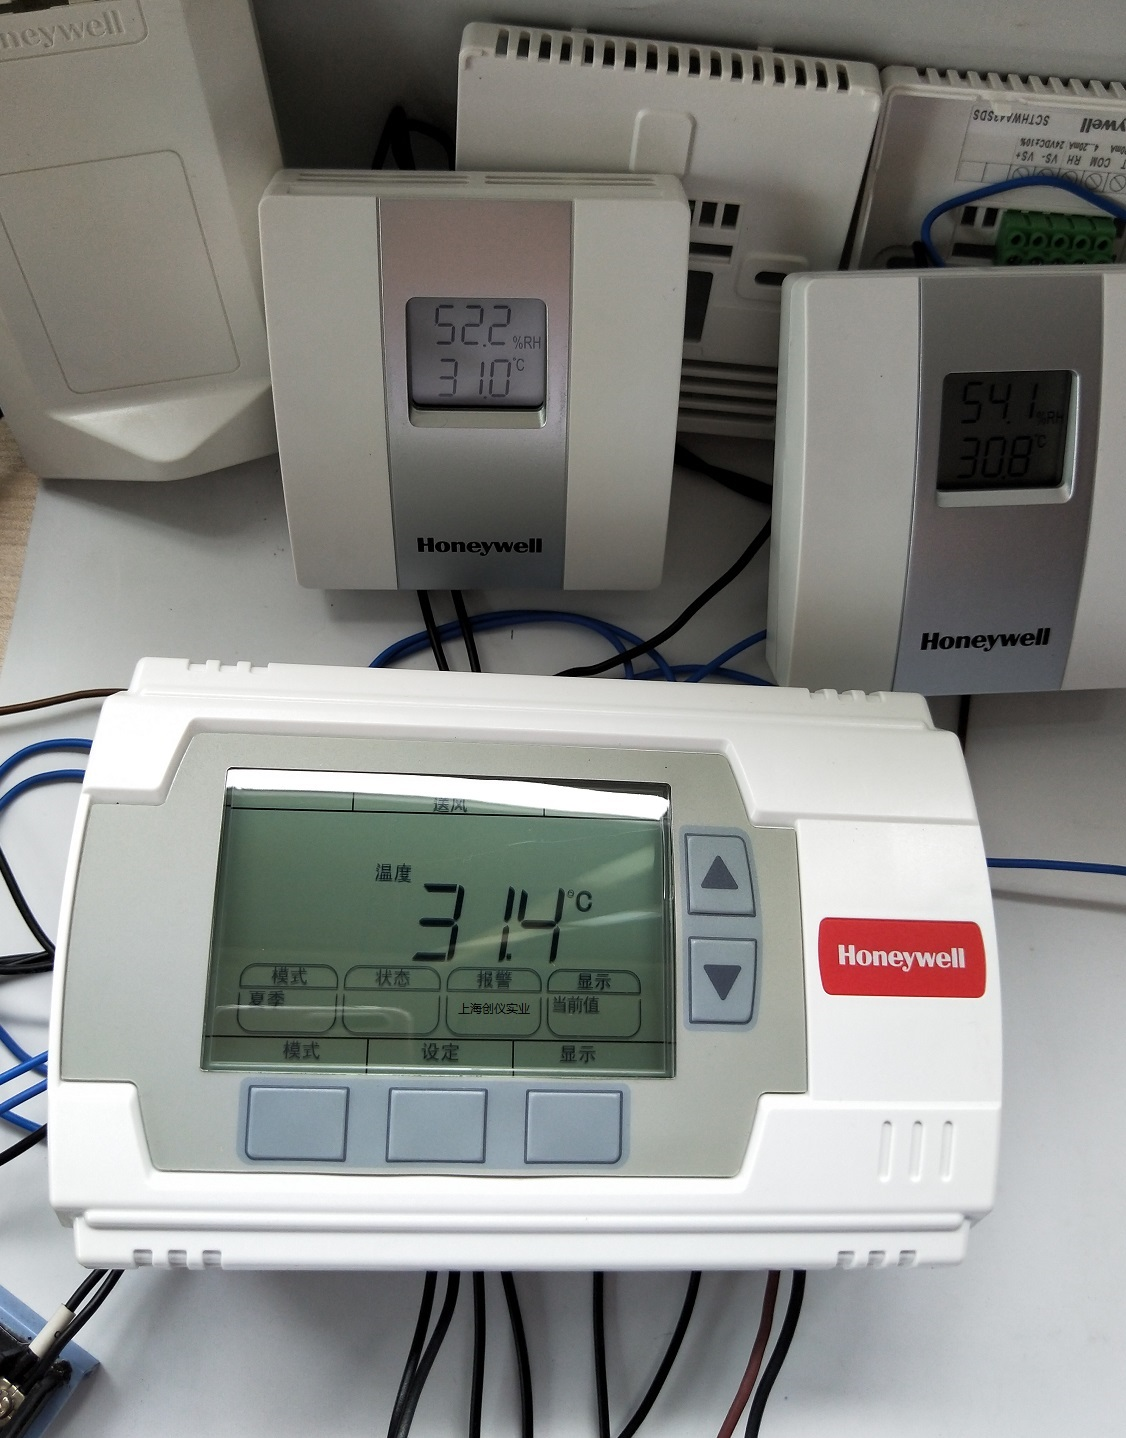 温湿度传感器与控制器UB1211CH HONEYWELL 调试必须注意事项说明